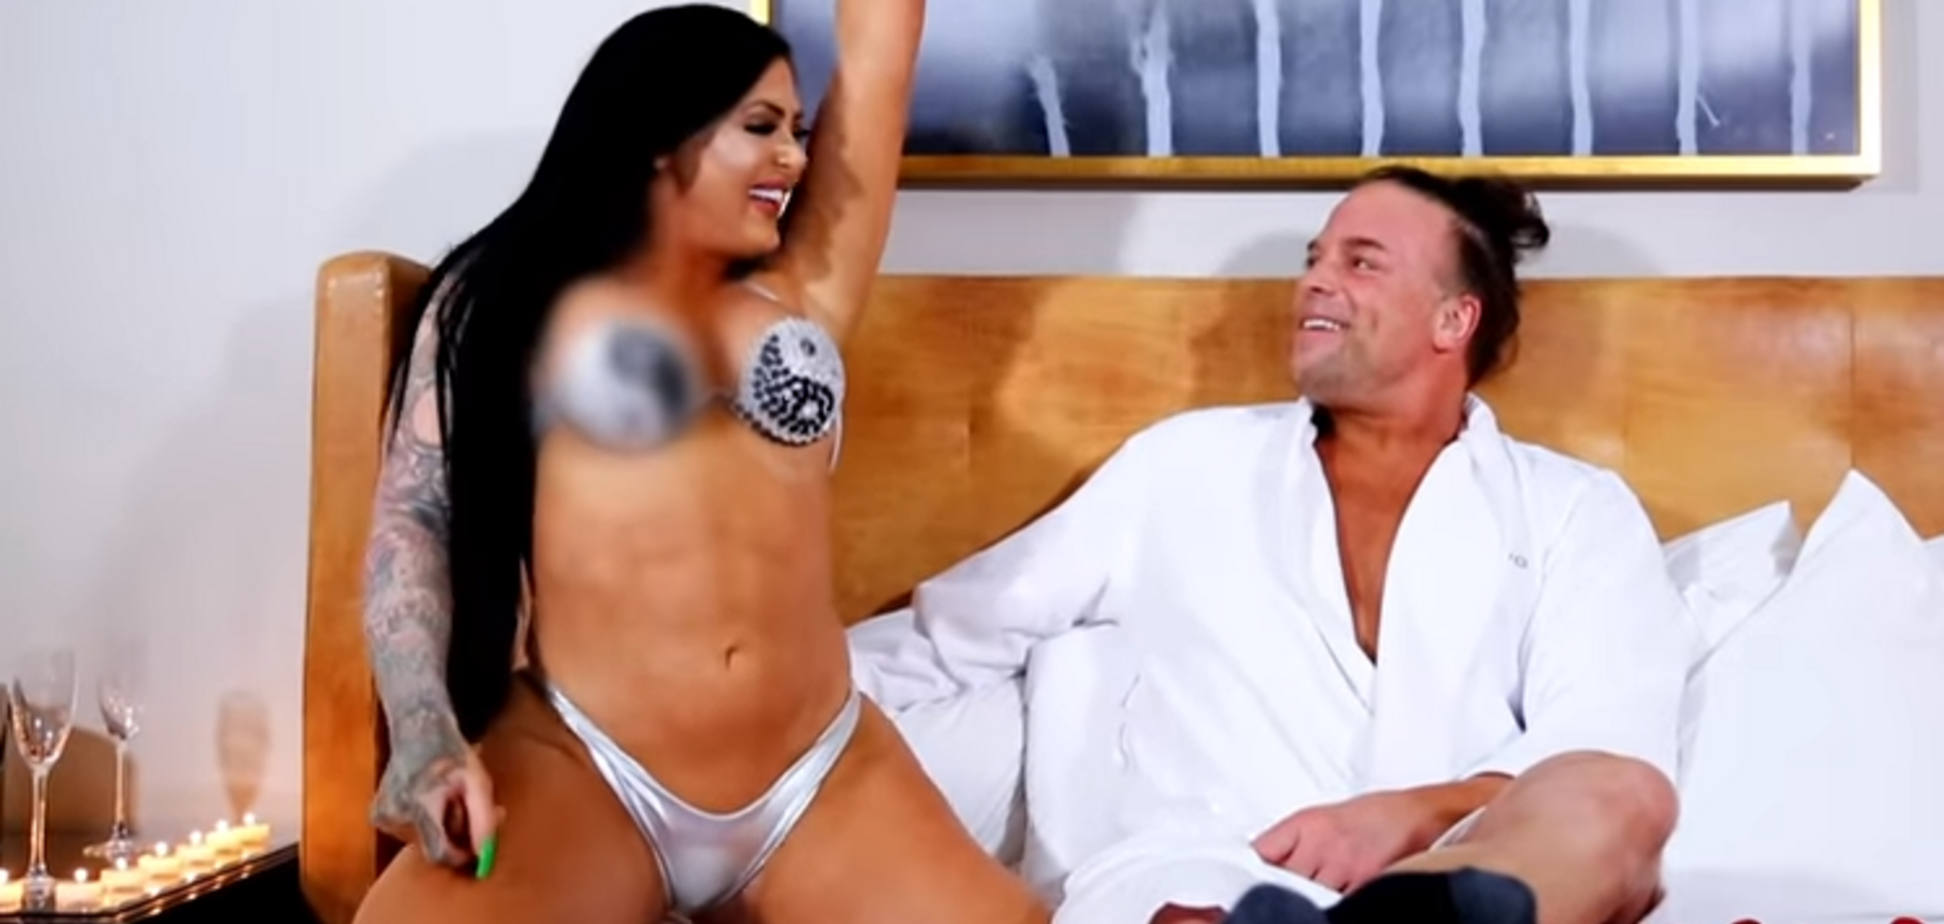 Відомий рестлер організував груповий секс з дружиною і дівчиною, виклавши відео в мережу